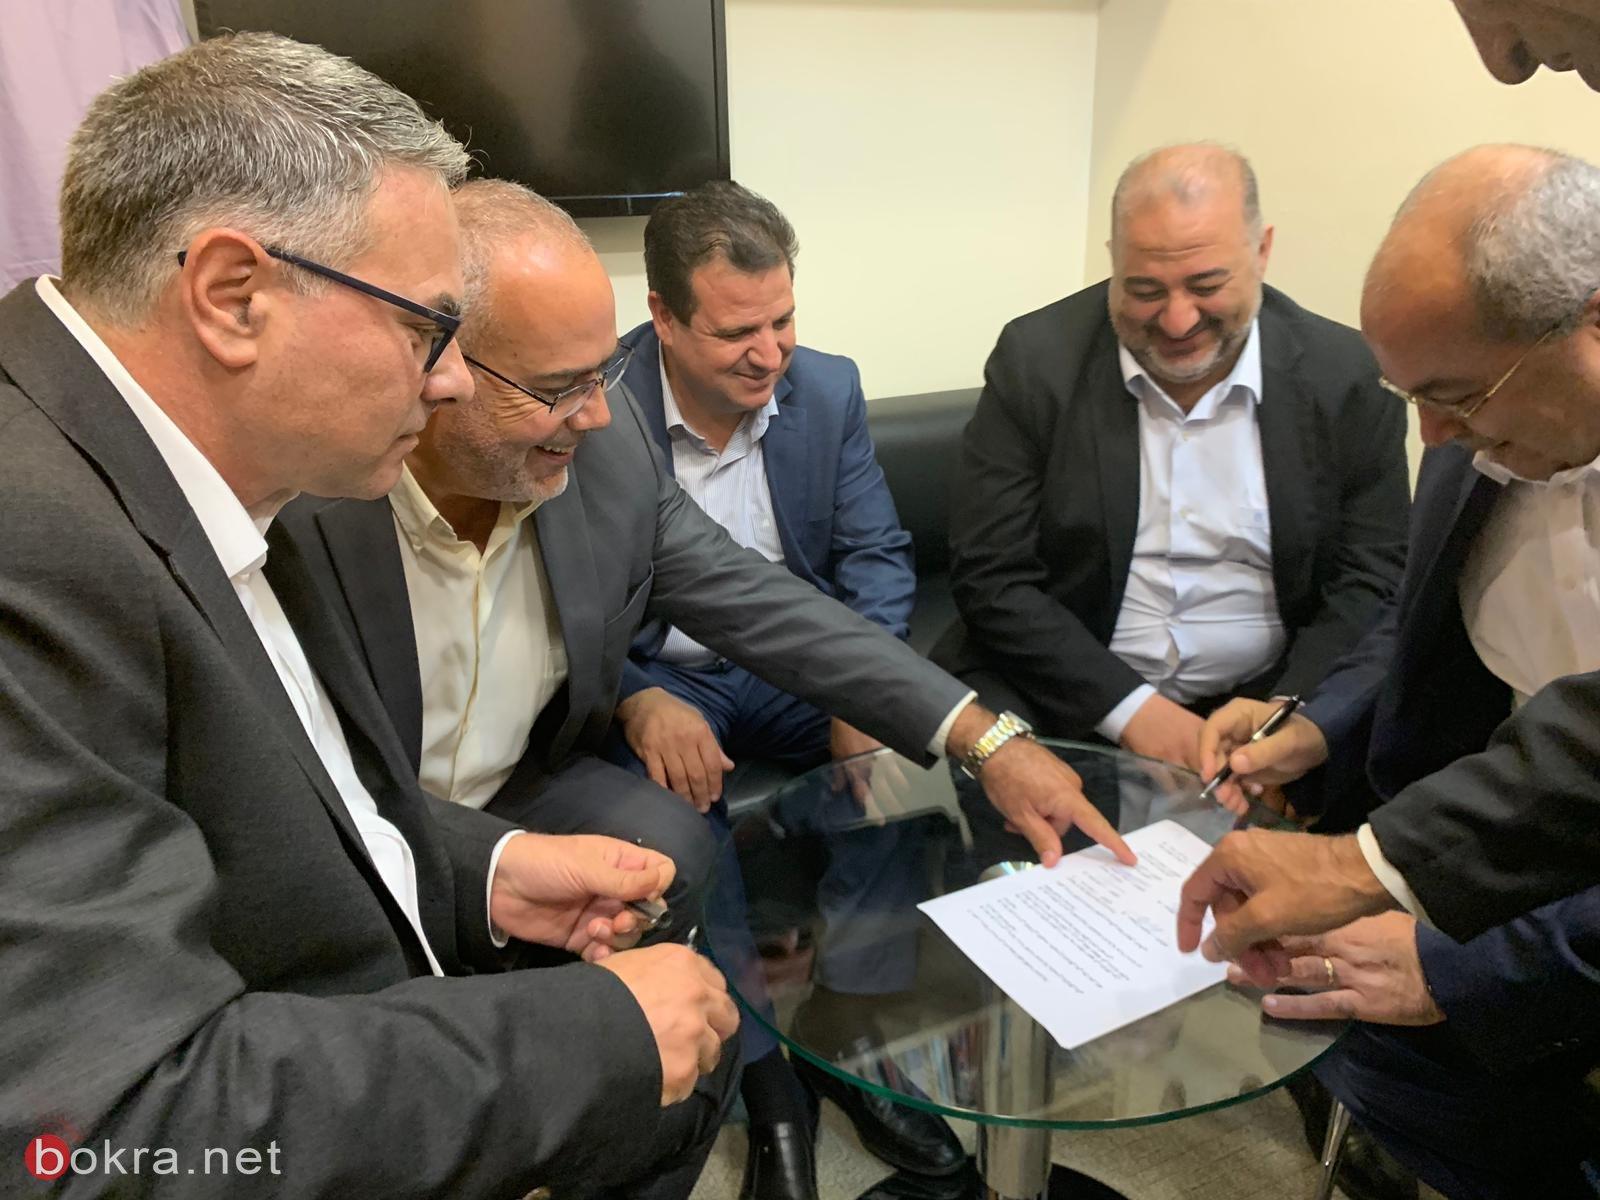 التوقيع على اتفاقية القائمة المشتركة لتقديمها إلى لجنة الانتخابات